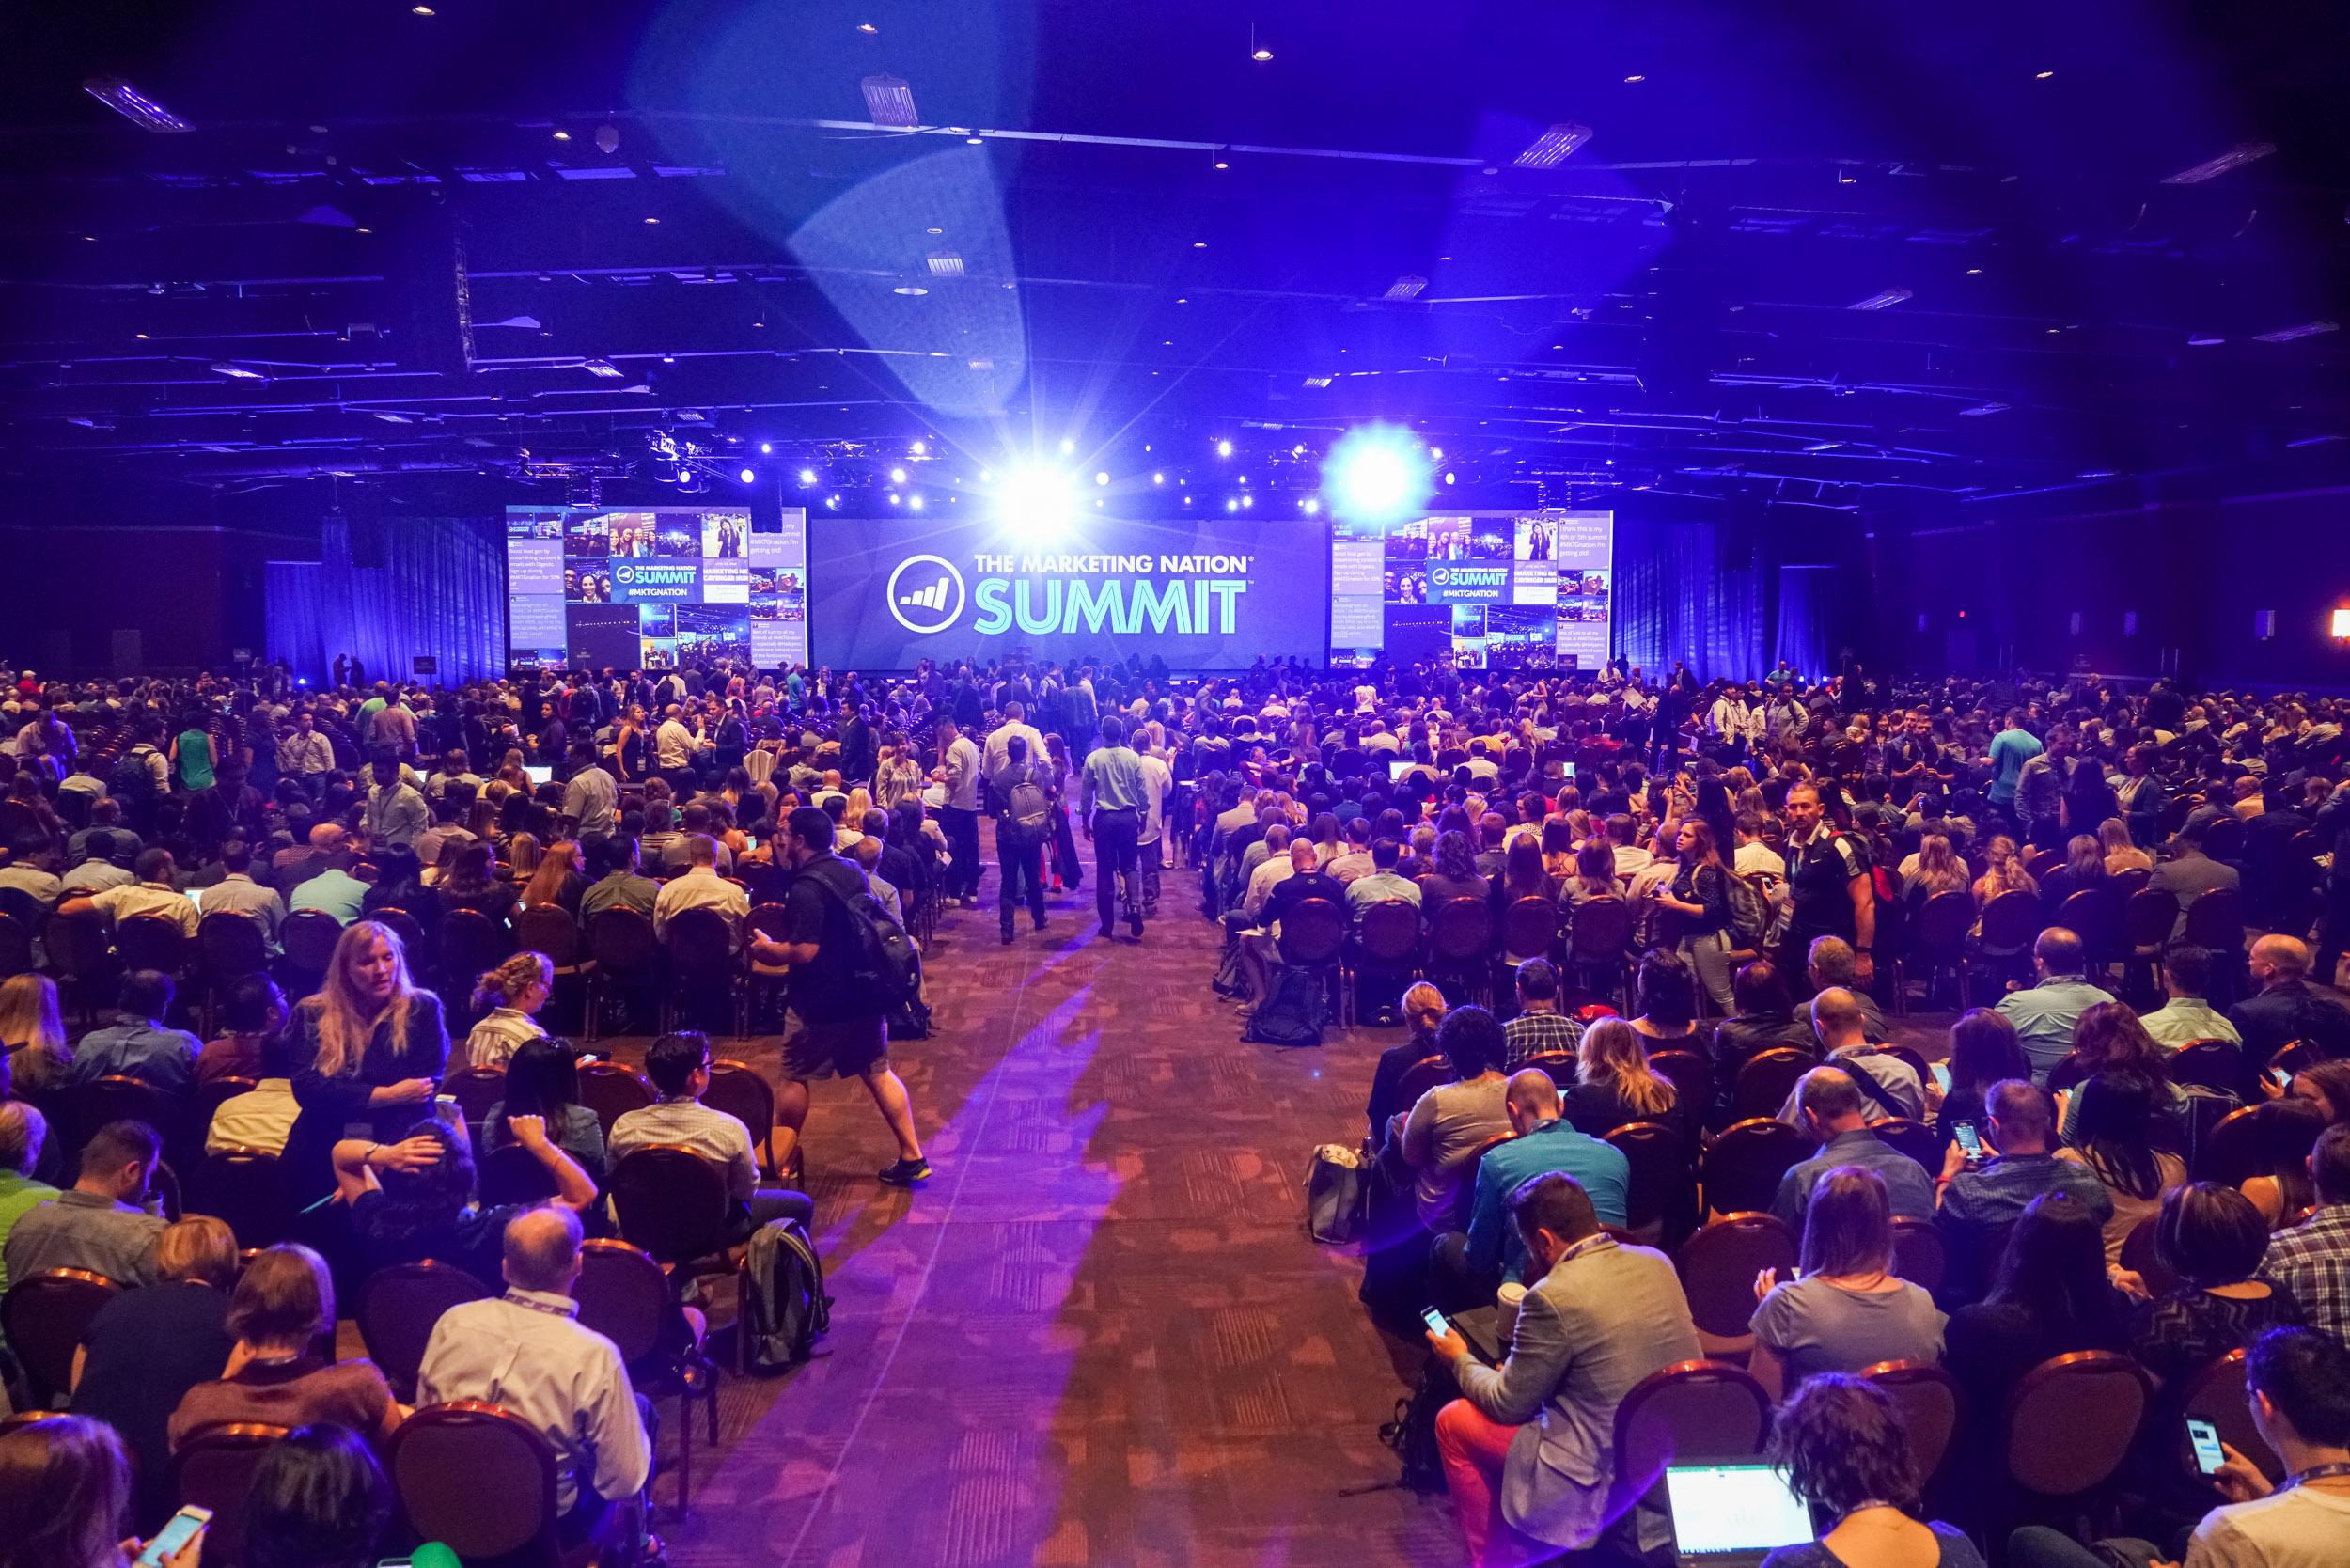 Marketo Summit 2017